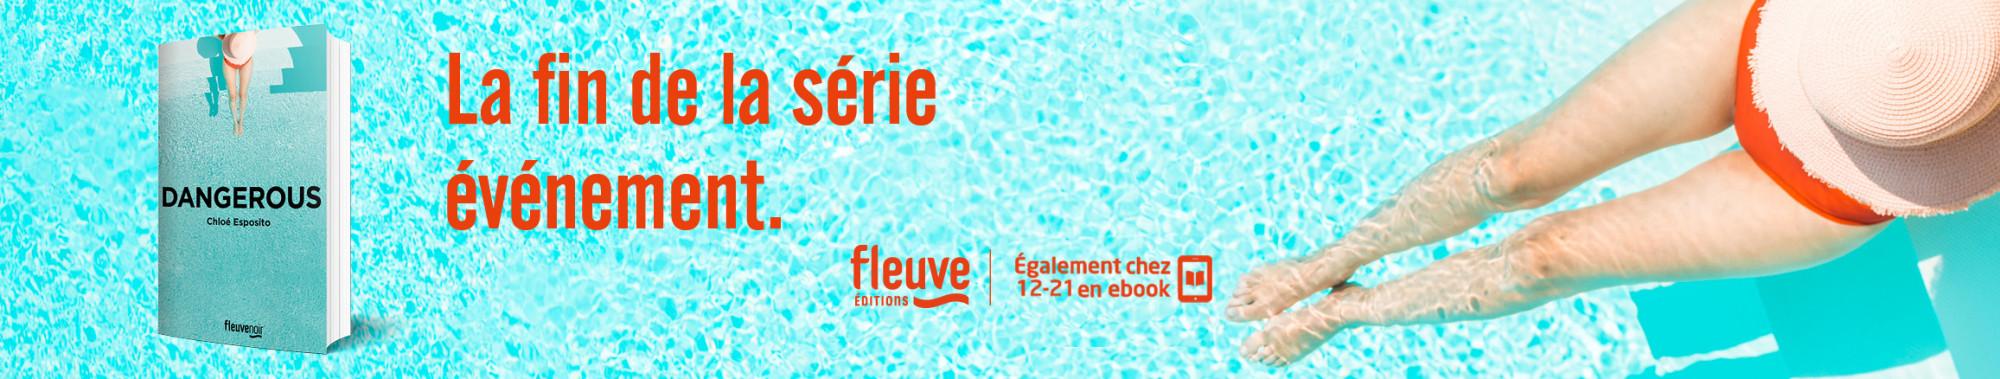 Bannière - FLEUVE - Dangerous - Chloe ESPOSITO